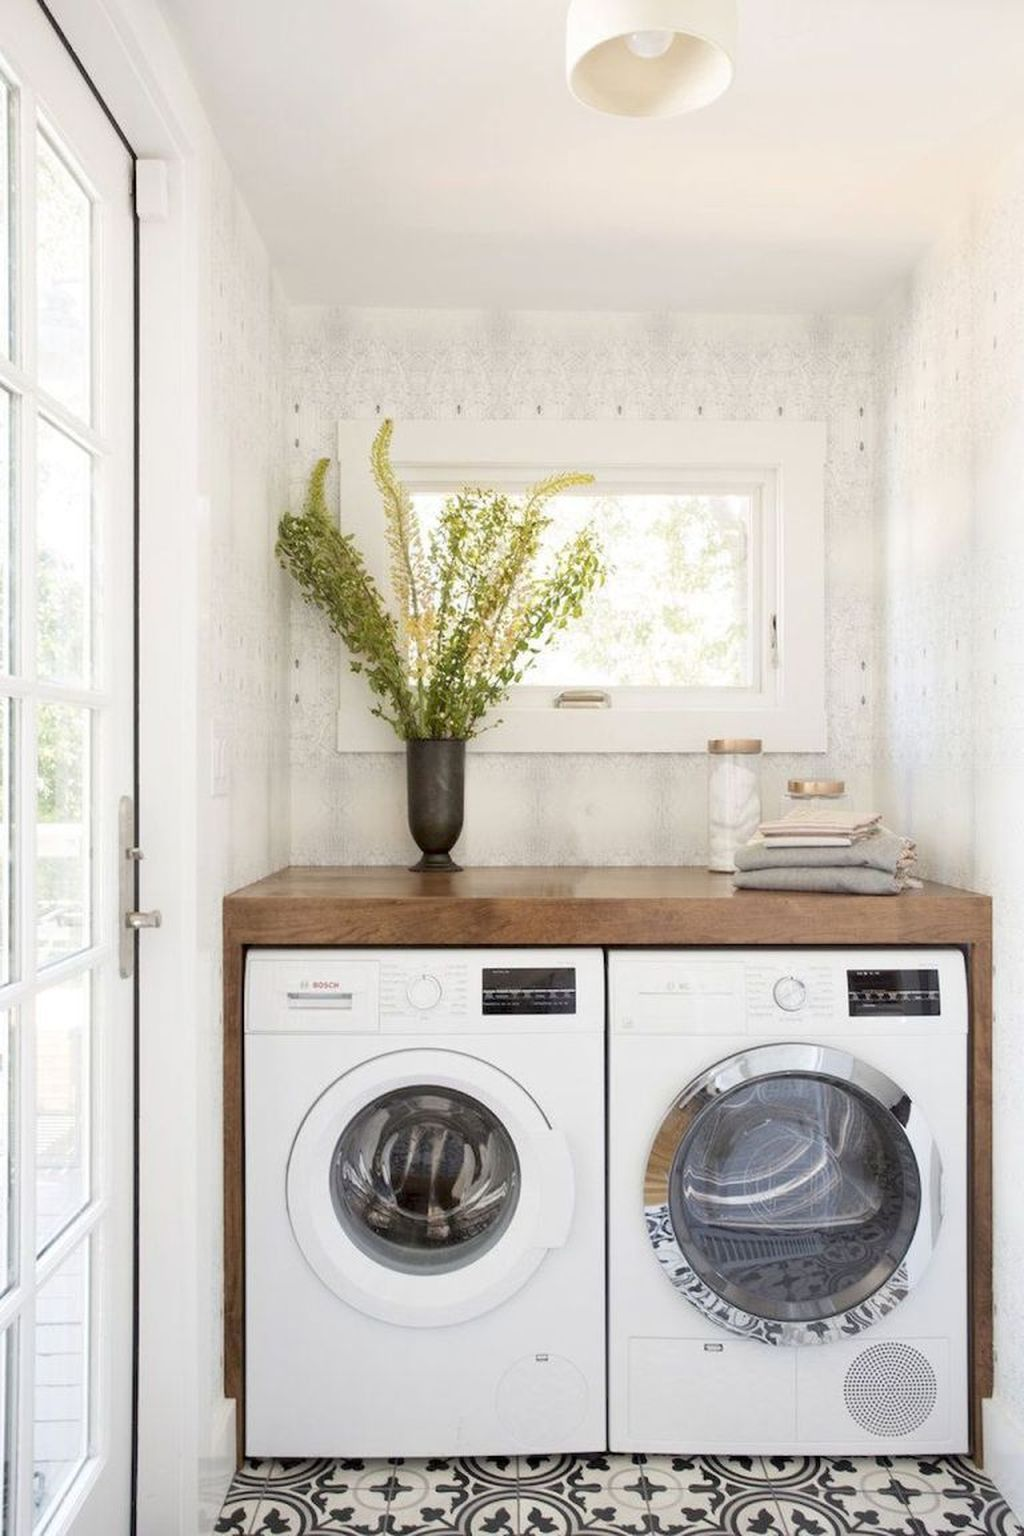 32 Stunning Small Laundry Room Design Ideas Popy Home White Laundry Rooms Laundry Room Small Laundry Room Makeover